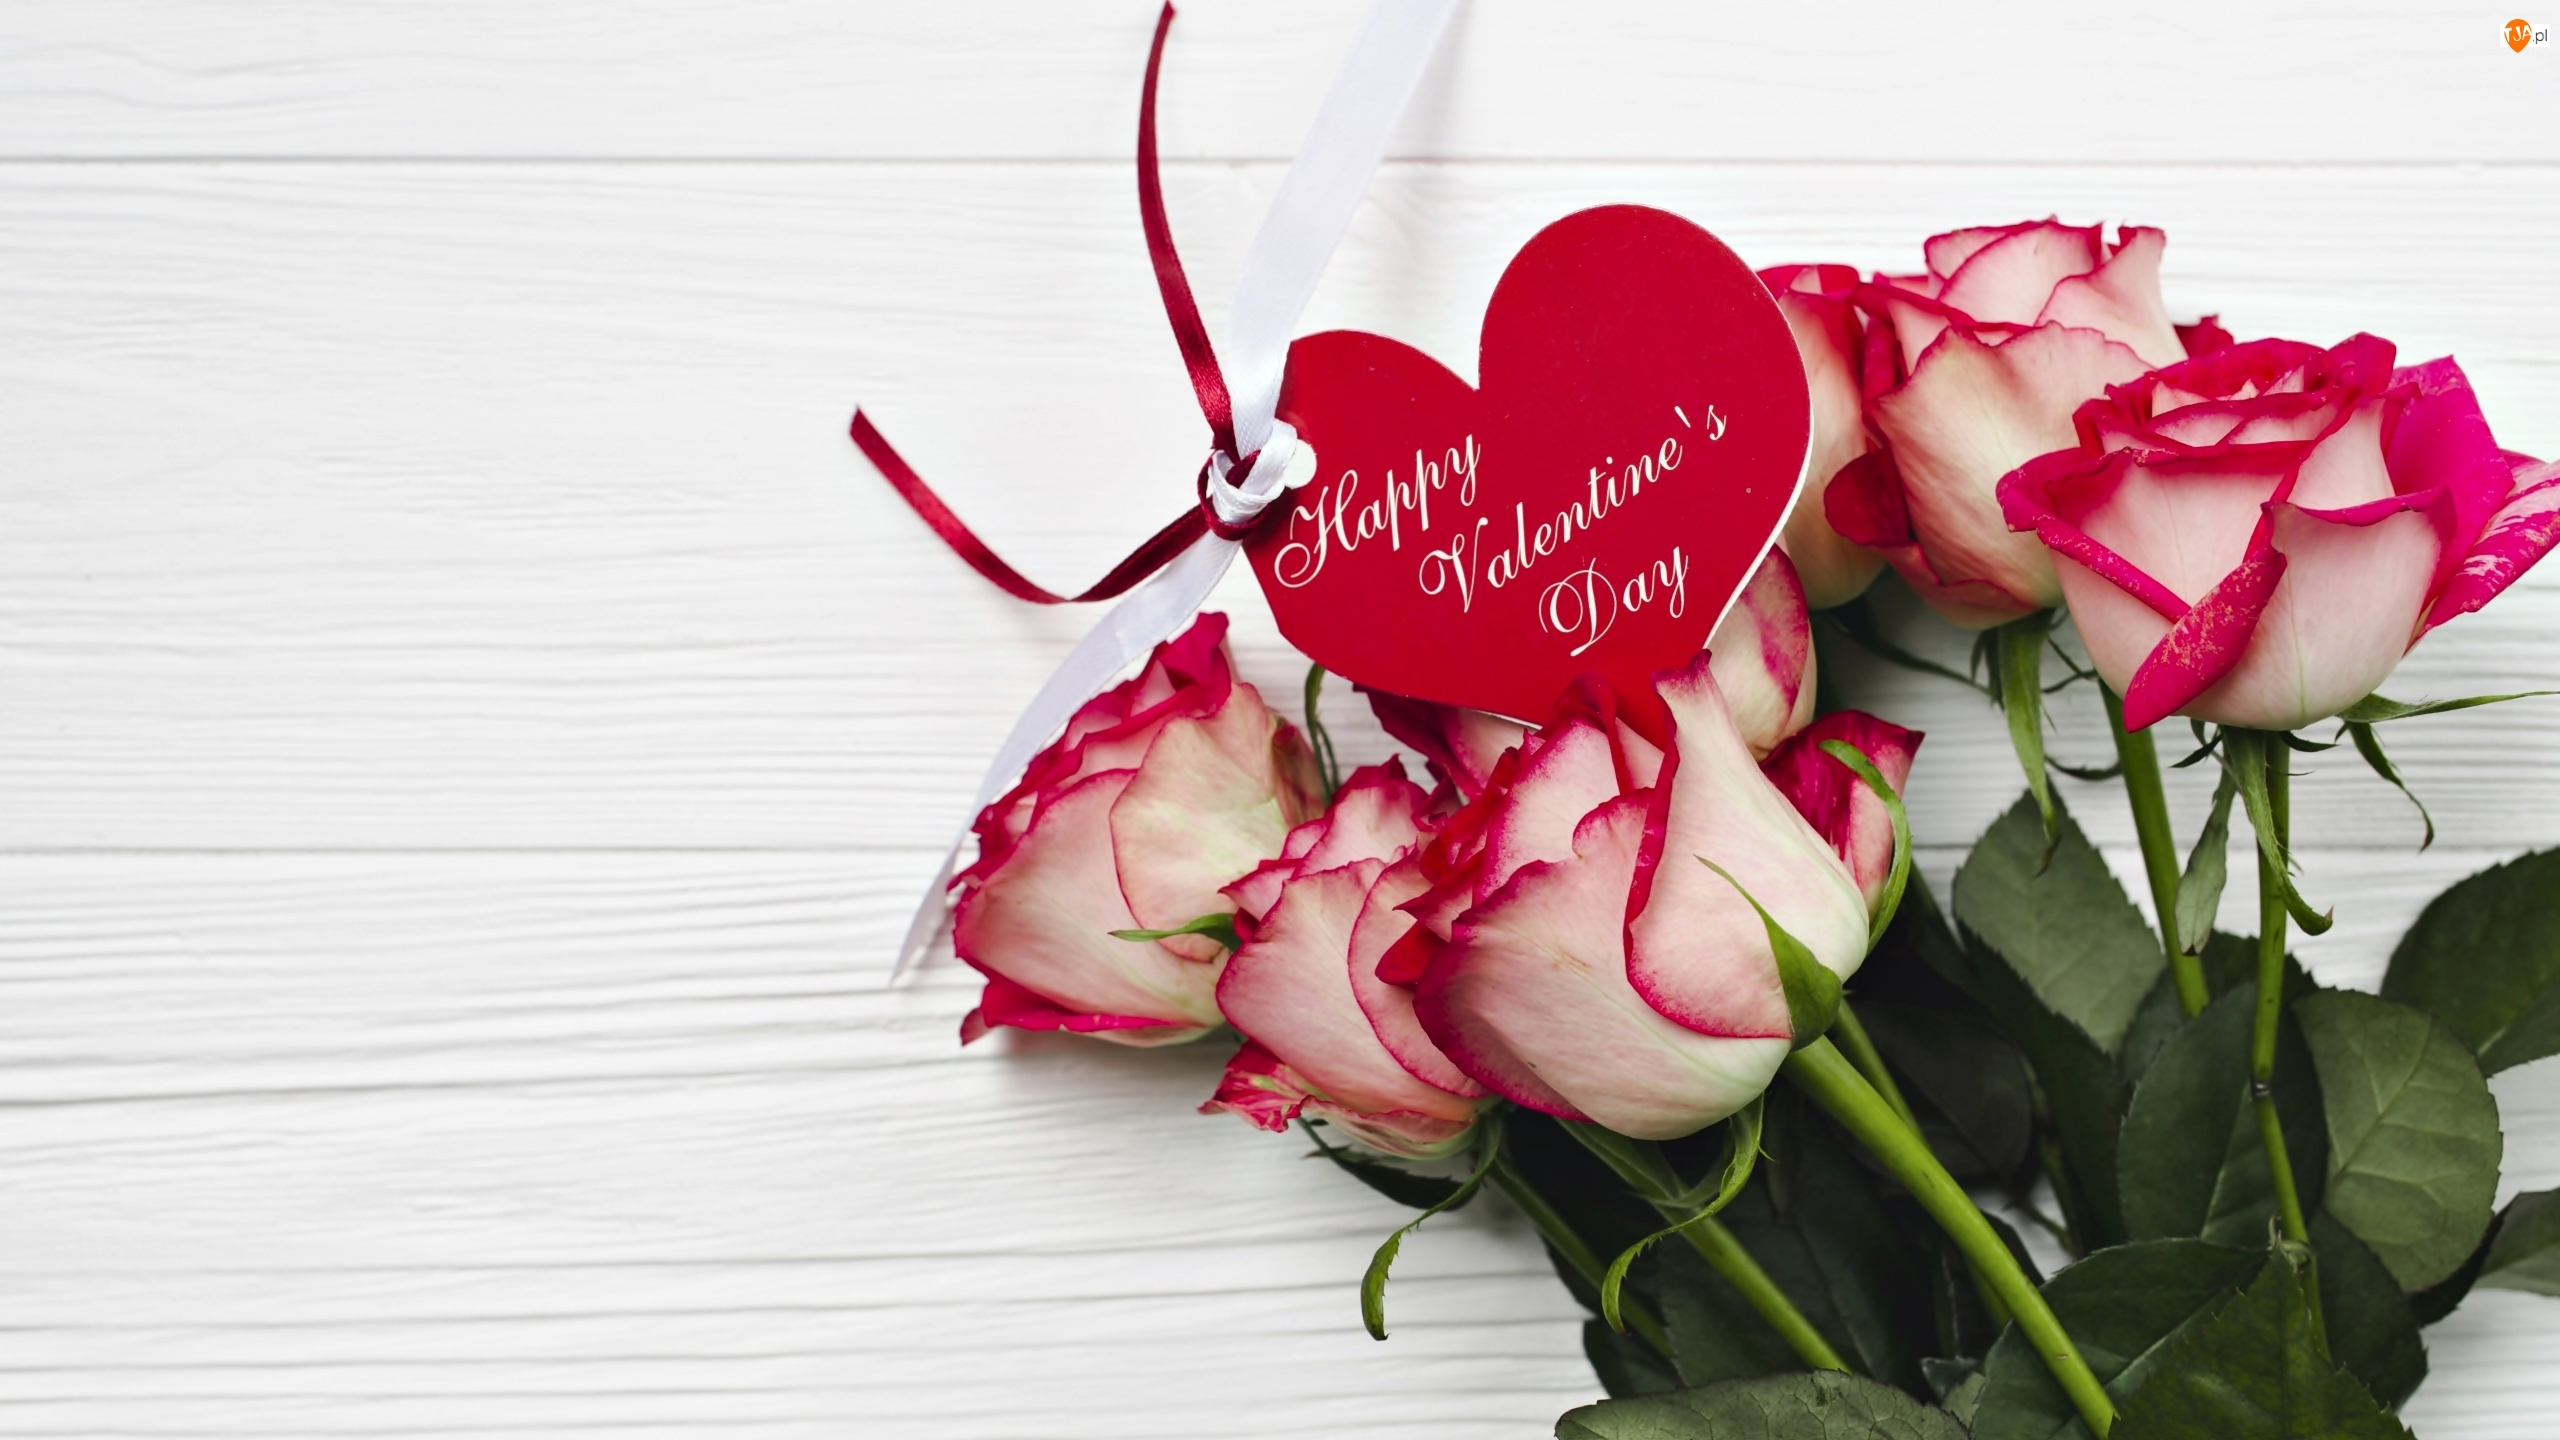 Deski, Wstążeczka, Bukiet, Róże, Walentynki, Serce, Listki